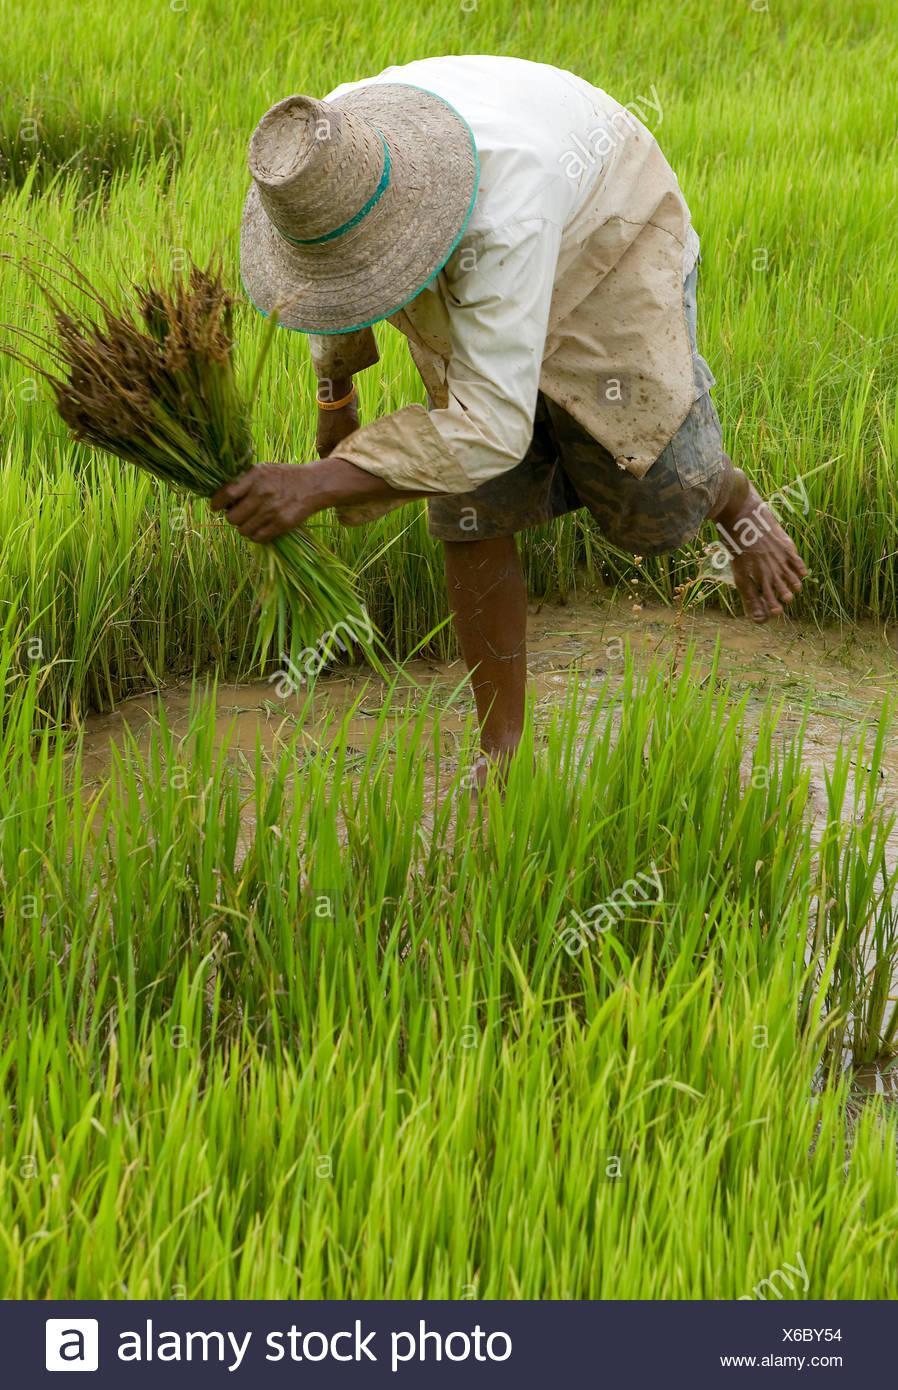 Asie Thaïlande rizière Banque D'Images